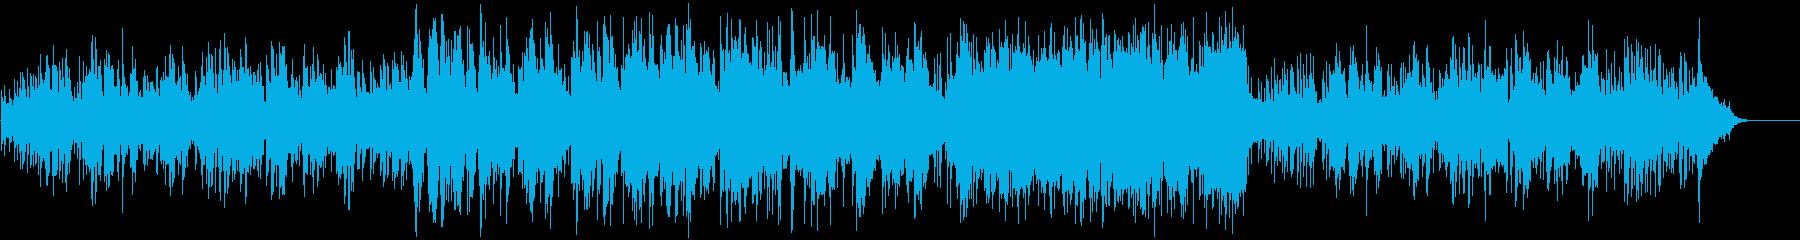 動画 サスペンス アクション 感情...の再生済みの波形